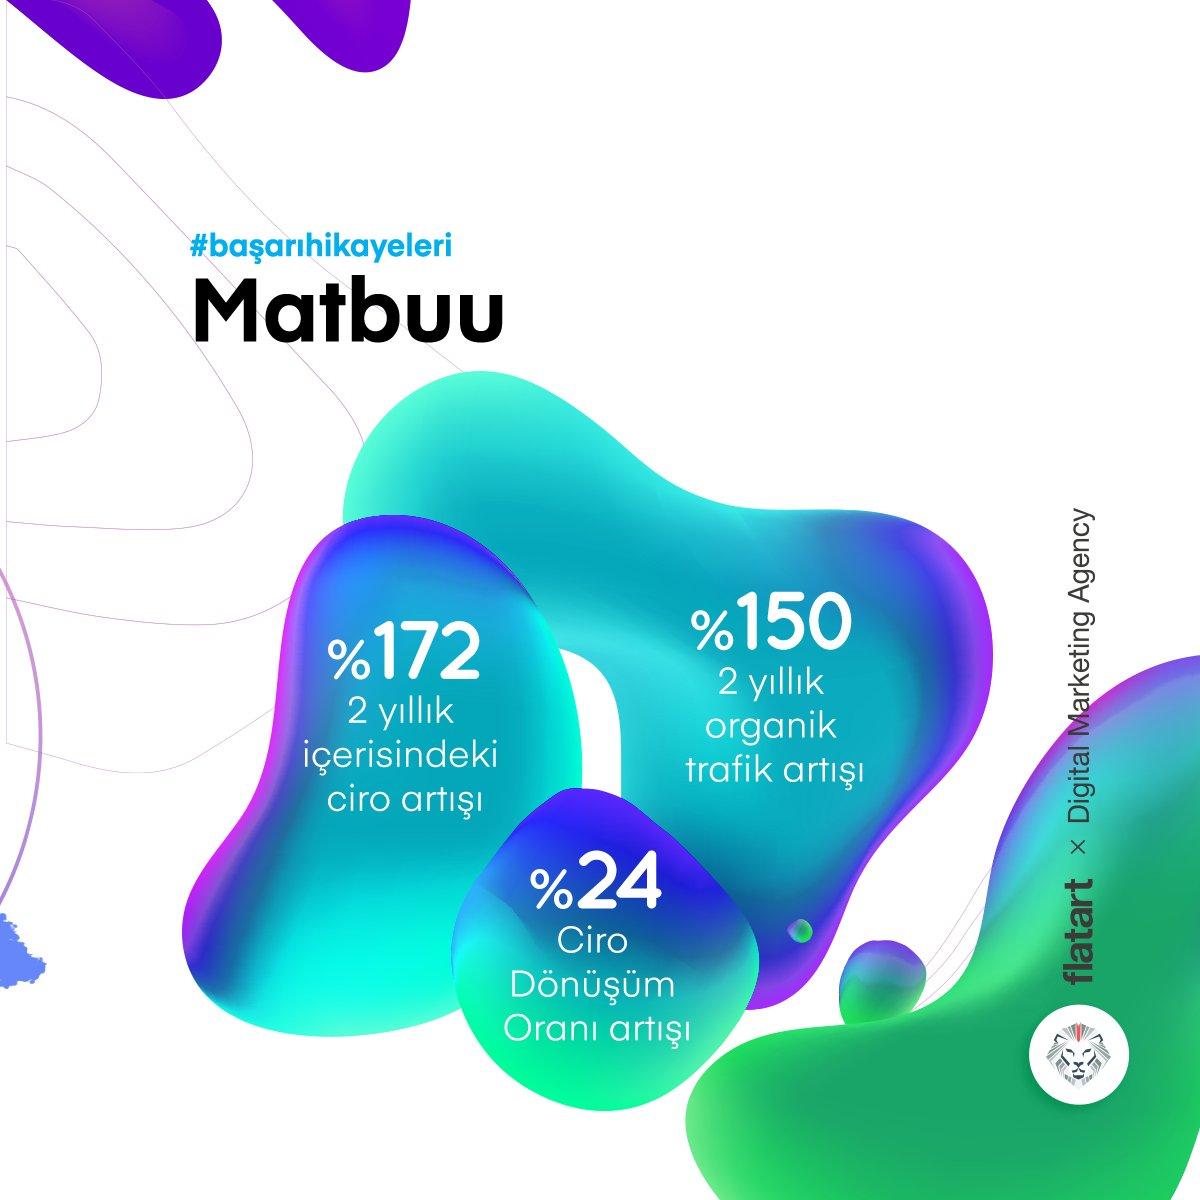 Matbuu'ya; 2 yıl içerisinde %172 ciro artışı, %24 Ciro dönüşüm artışı sağladık. Dijital pazarlama çözümlerimiz sayesinde; 2 yıllık organik trafik artışı oranını % 150 ye yükselttik.  Sonuç odaklı pazarlama stratejilerimiz ile mutlu markalar yaratmaya devam ediyoruz 🎯 https://t.co/mUHq11fsRJ